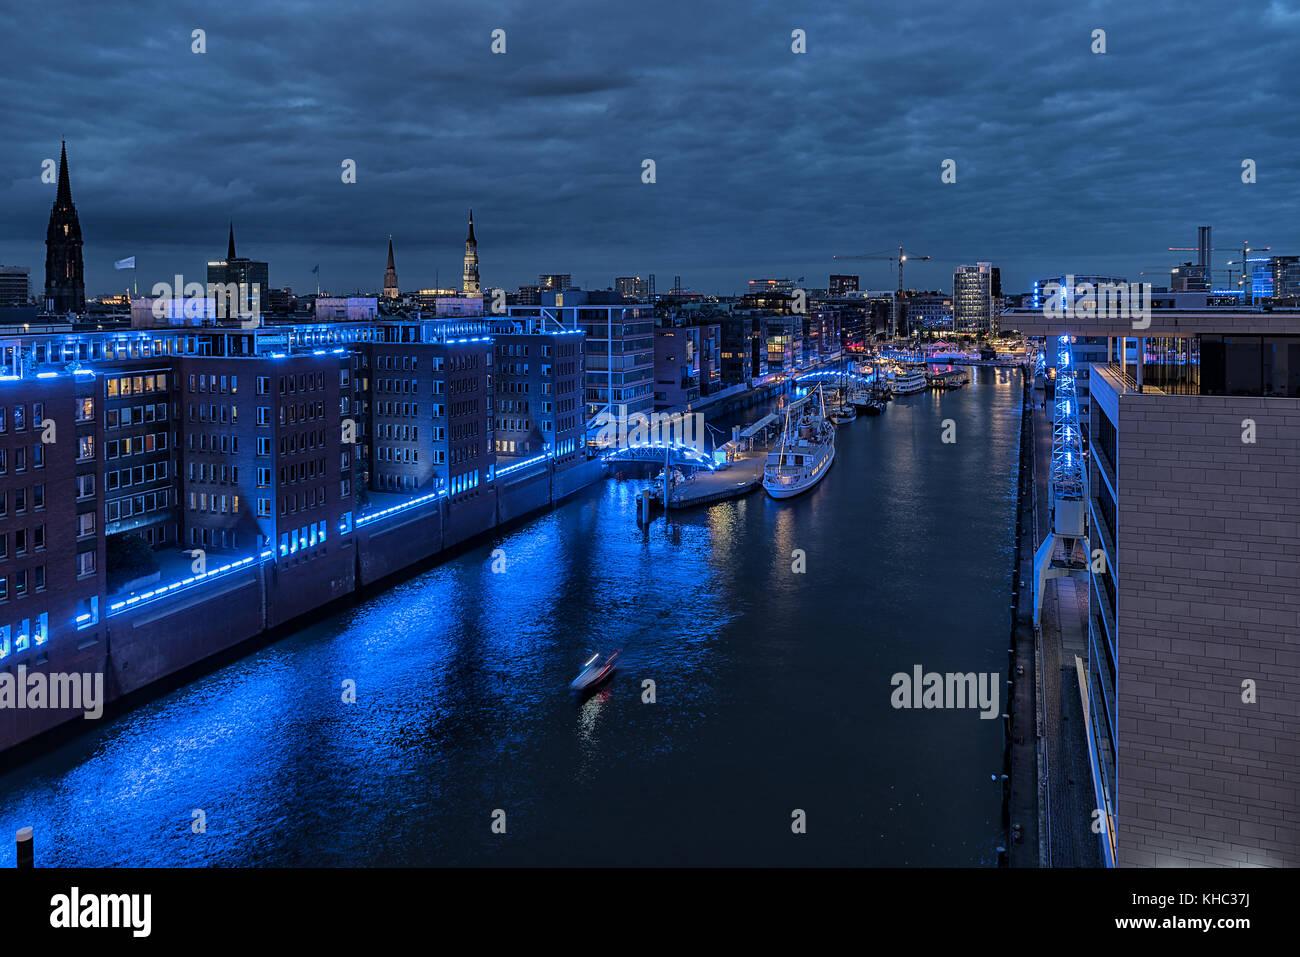 Der Blick in den Traditionshafen von der Plaza der Elbphilharmonie bei dem Blue Port 2017 in der blauen Stunde - Stock Image